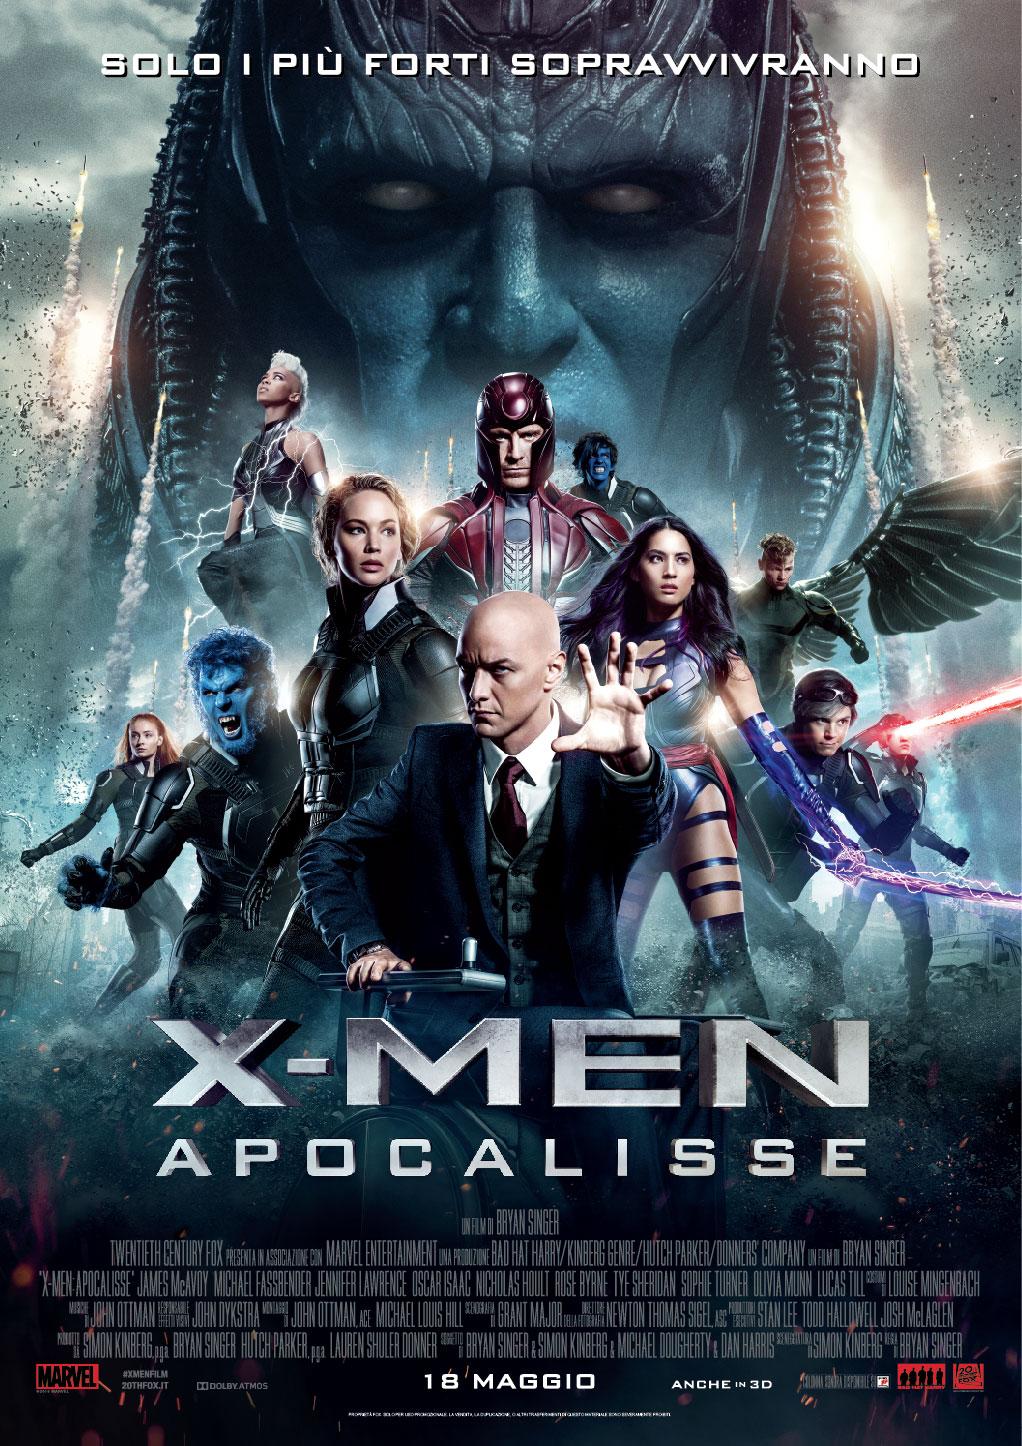 X-Men Apocalisse – Astonishing!